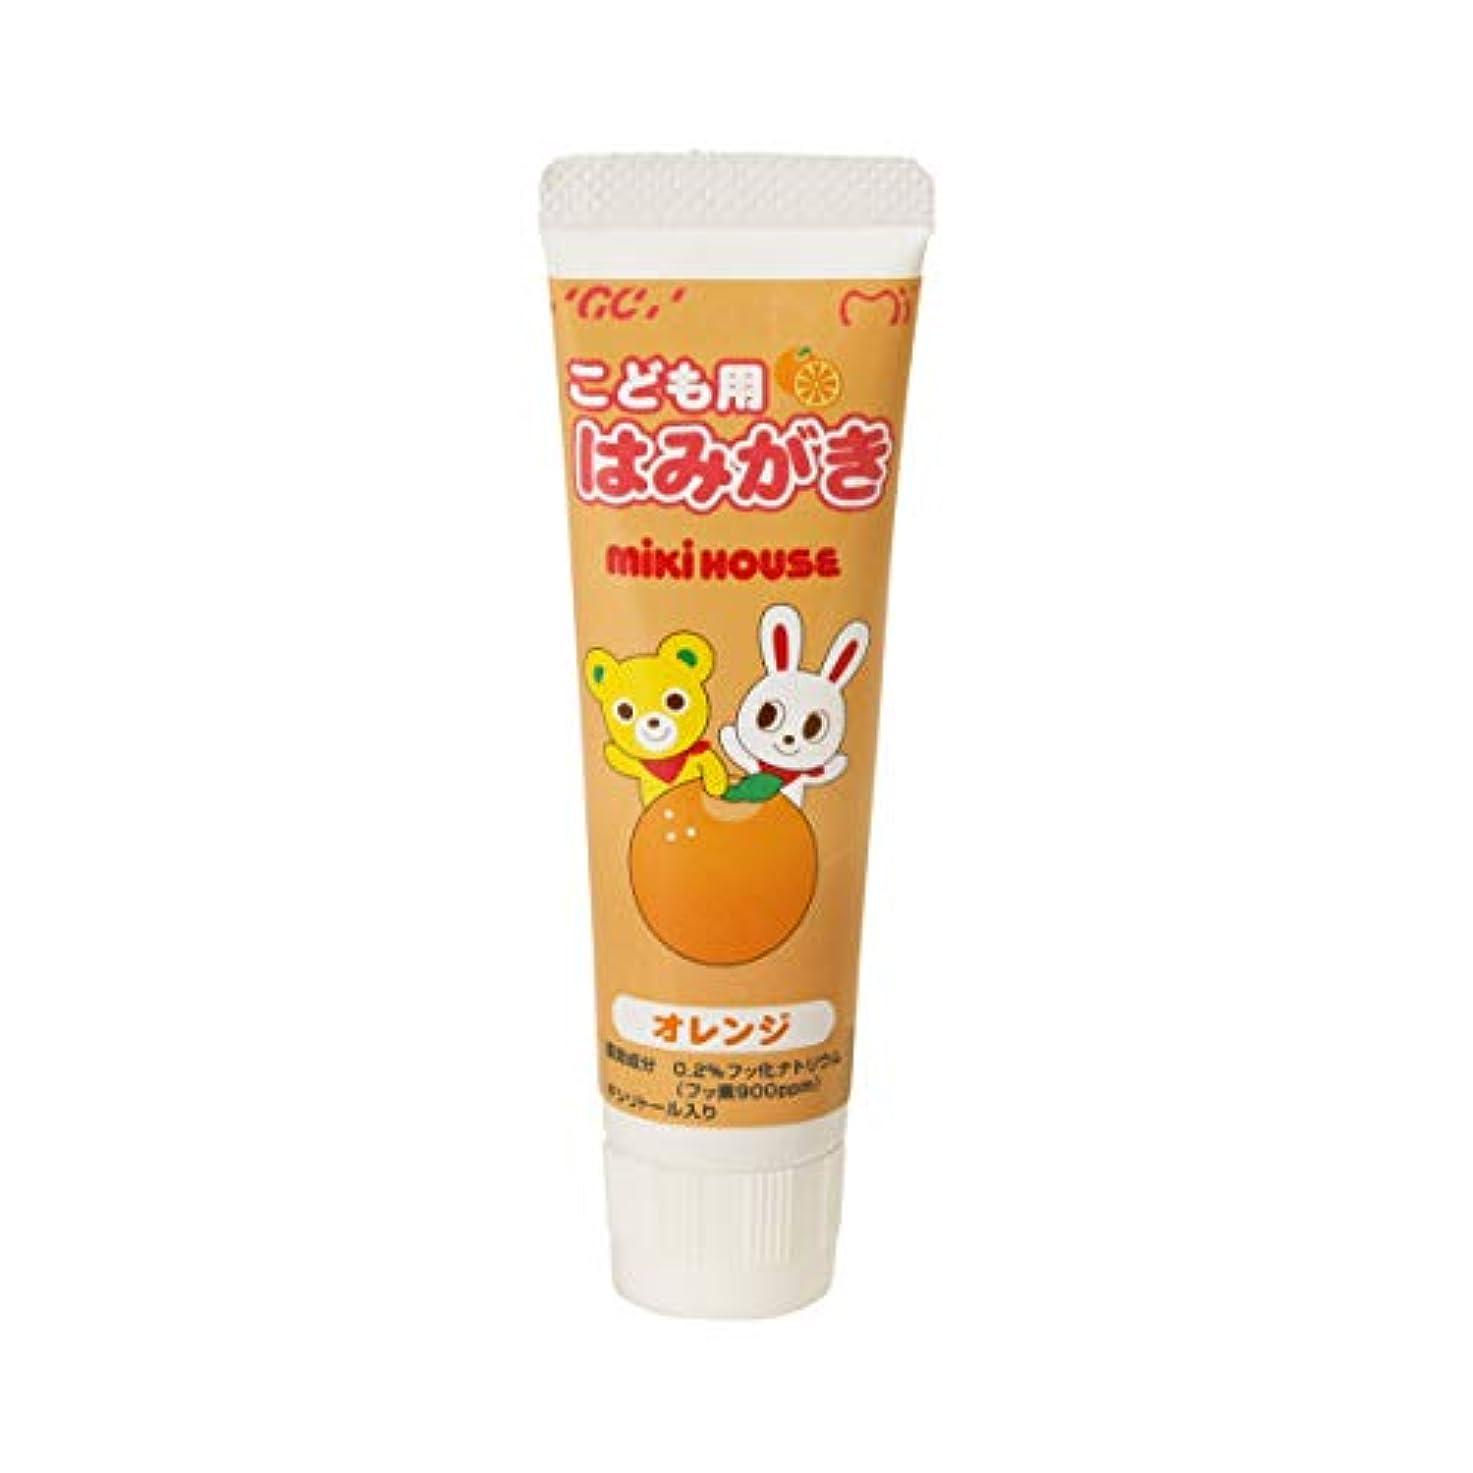 稼ぐ時制滑りやすいミキハウス (MIKIHOUSE) 歯みがき 15-4065-676 - オレンジ